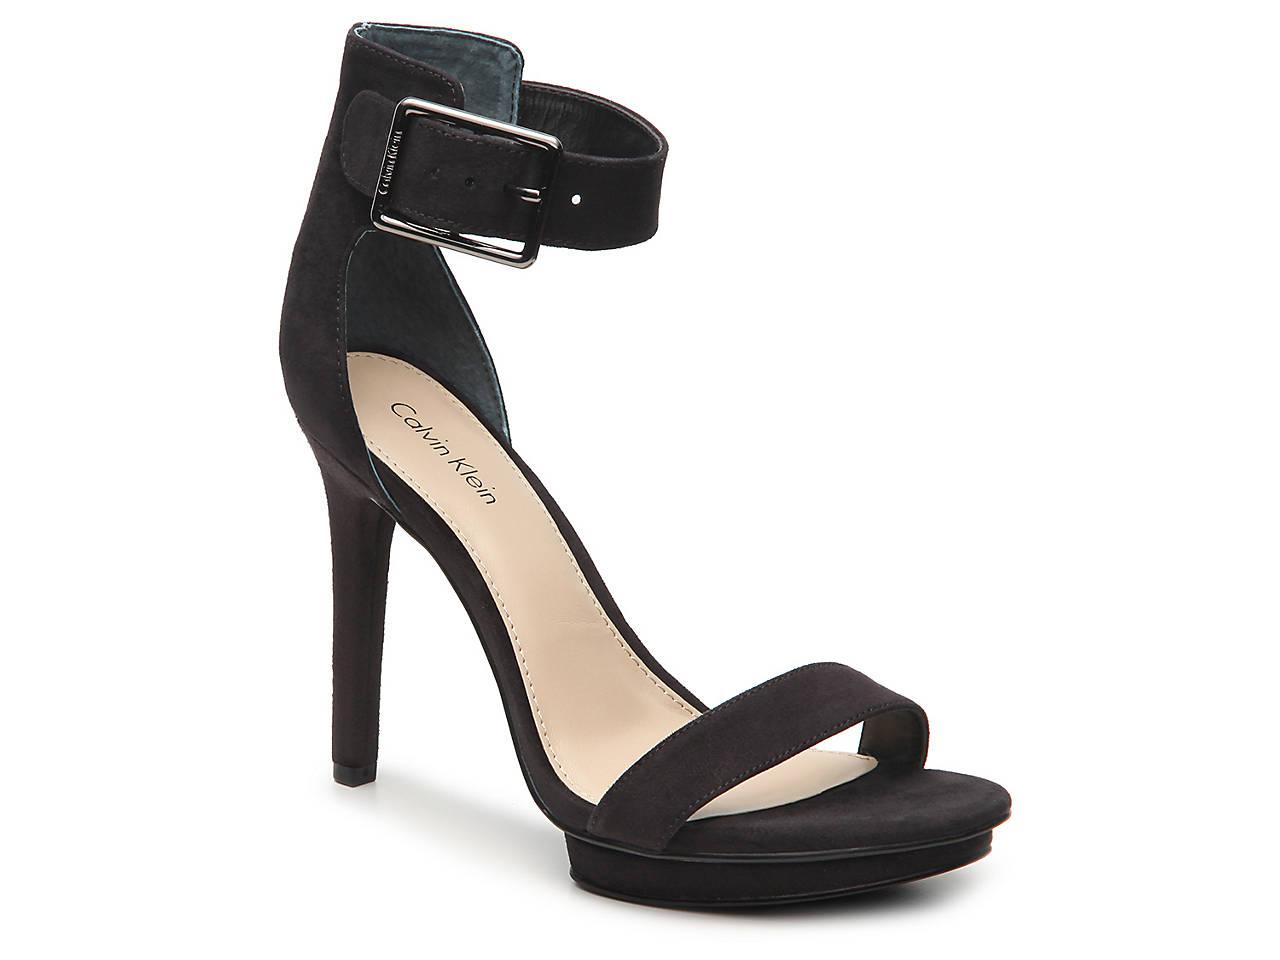 d1656ebf510e Calvin Klein Vivian Platform Sandal Women s Shoes